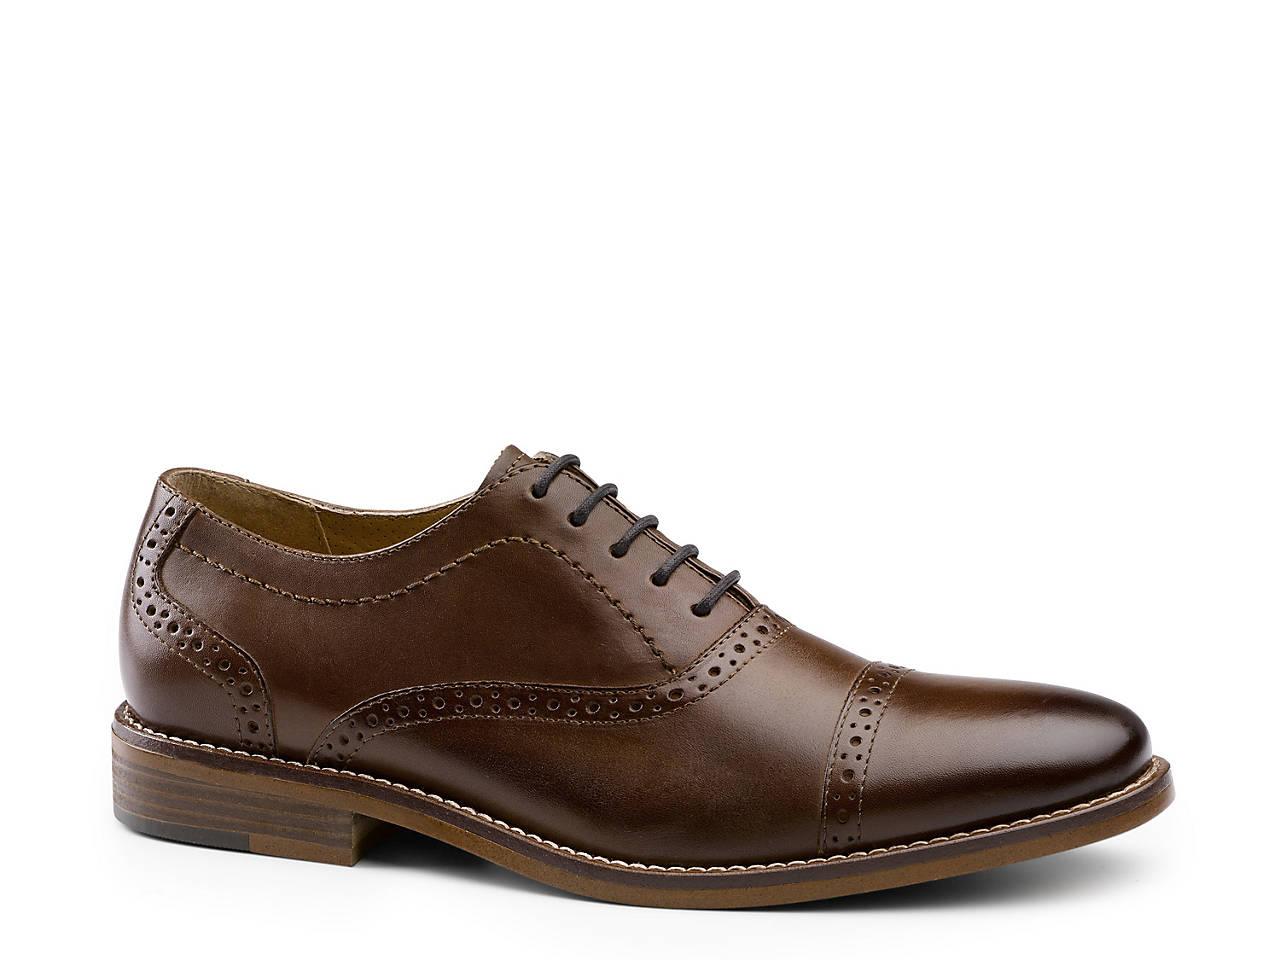 G.H. Bass & Co. Carnell Dress Shoe wTUnVt